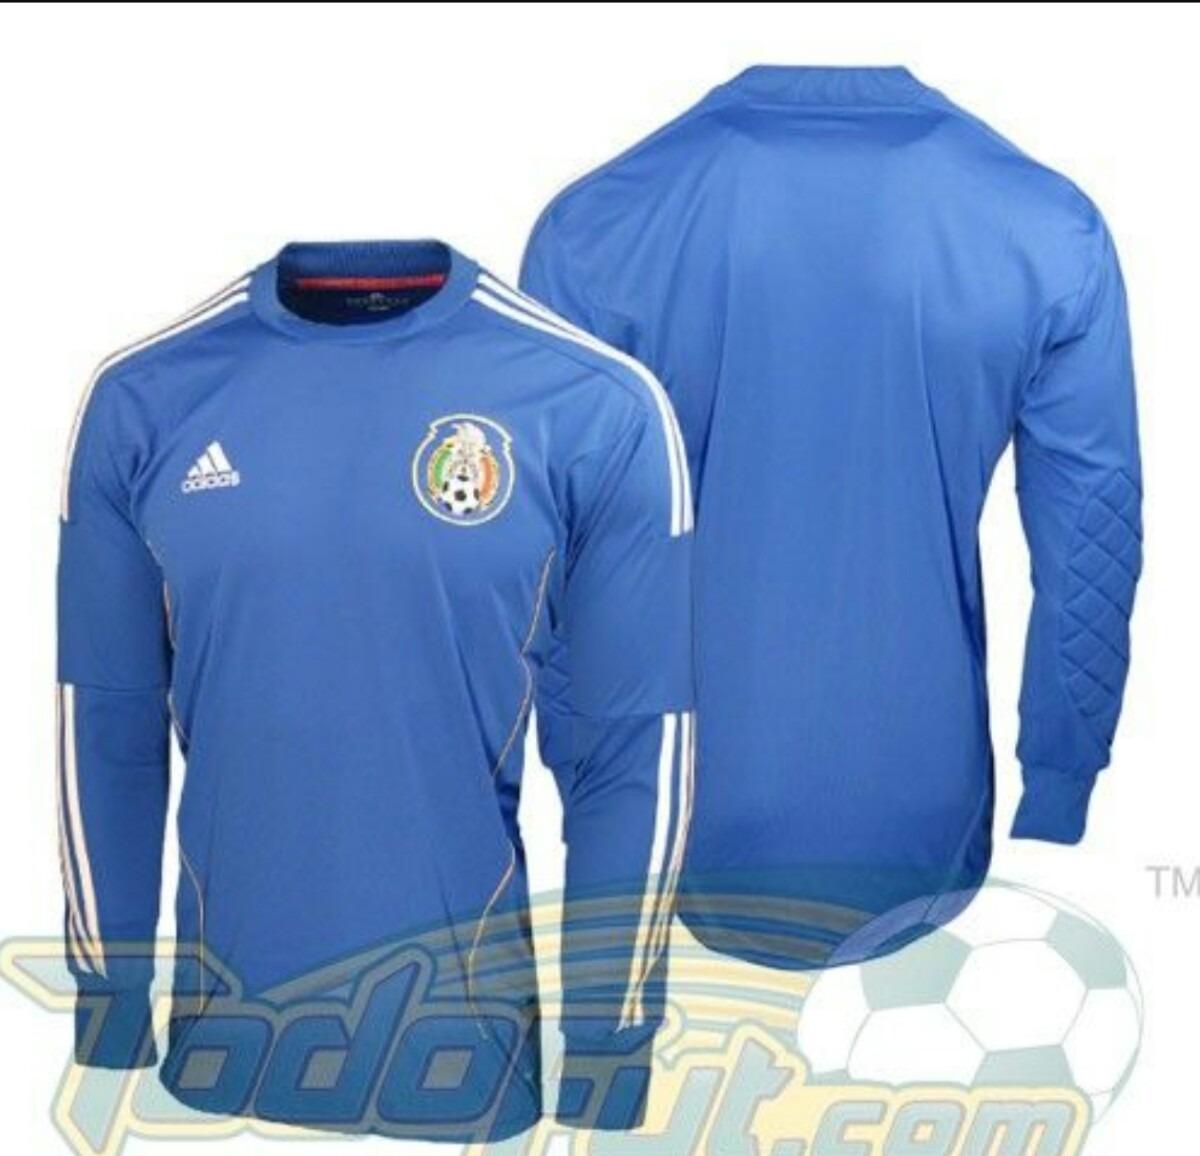 78e99dcfa5243 jersey portero mexico azul xl clima cool. Cargando zoom.